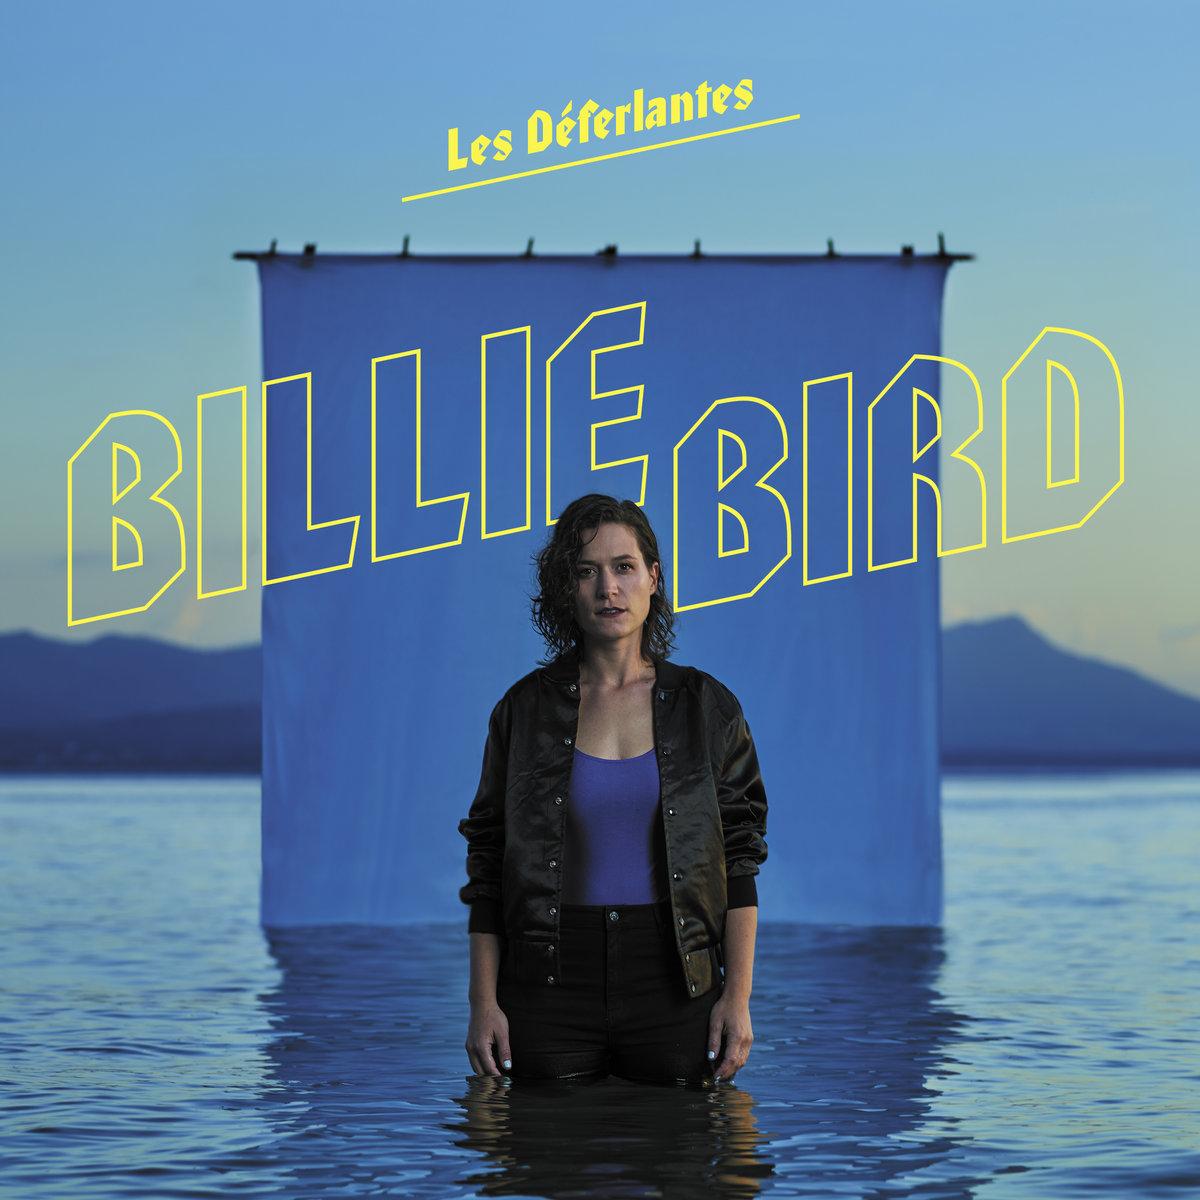 Watch Billie Bird video